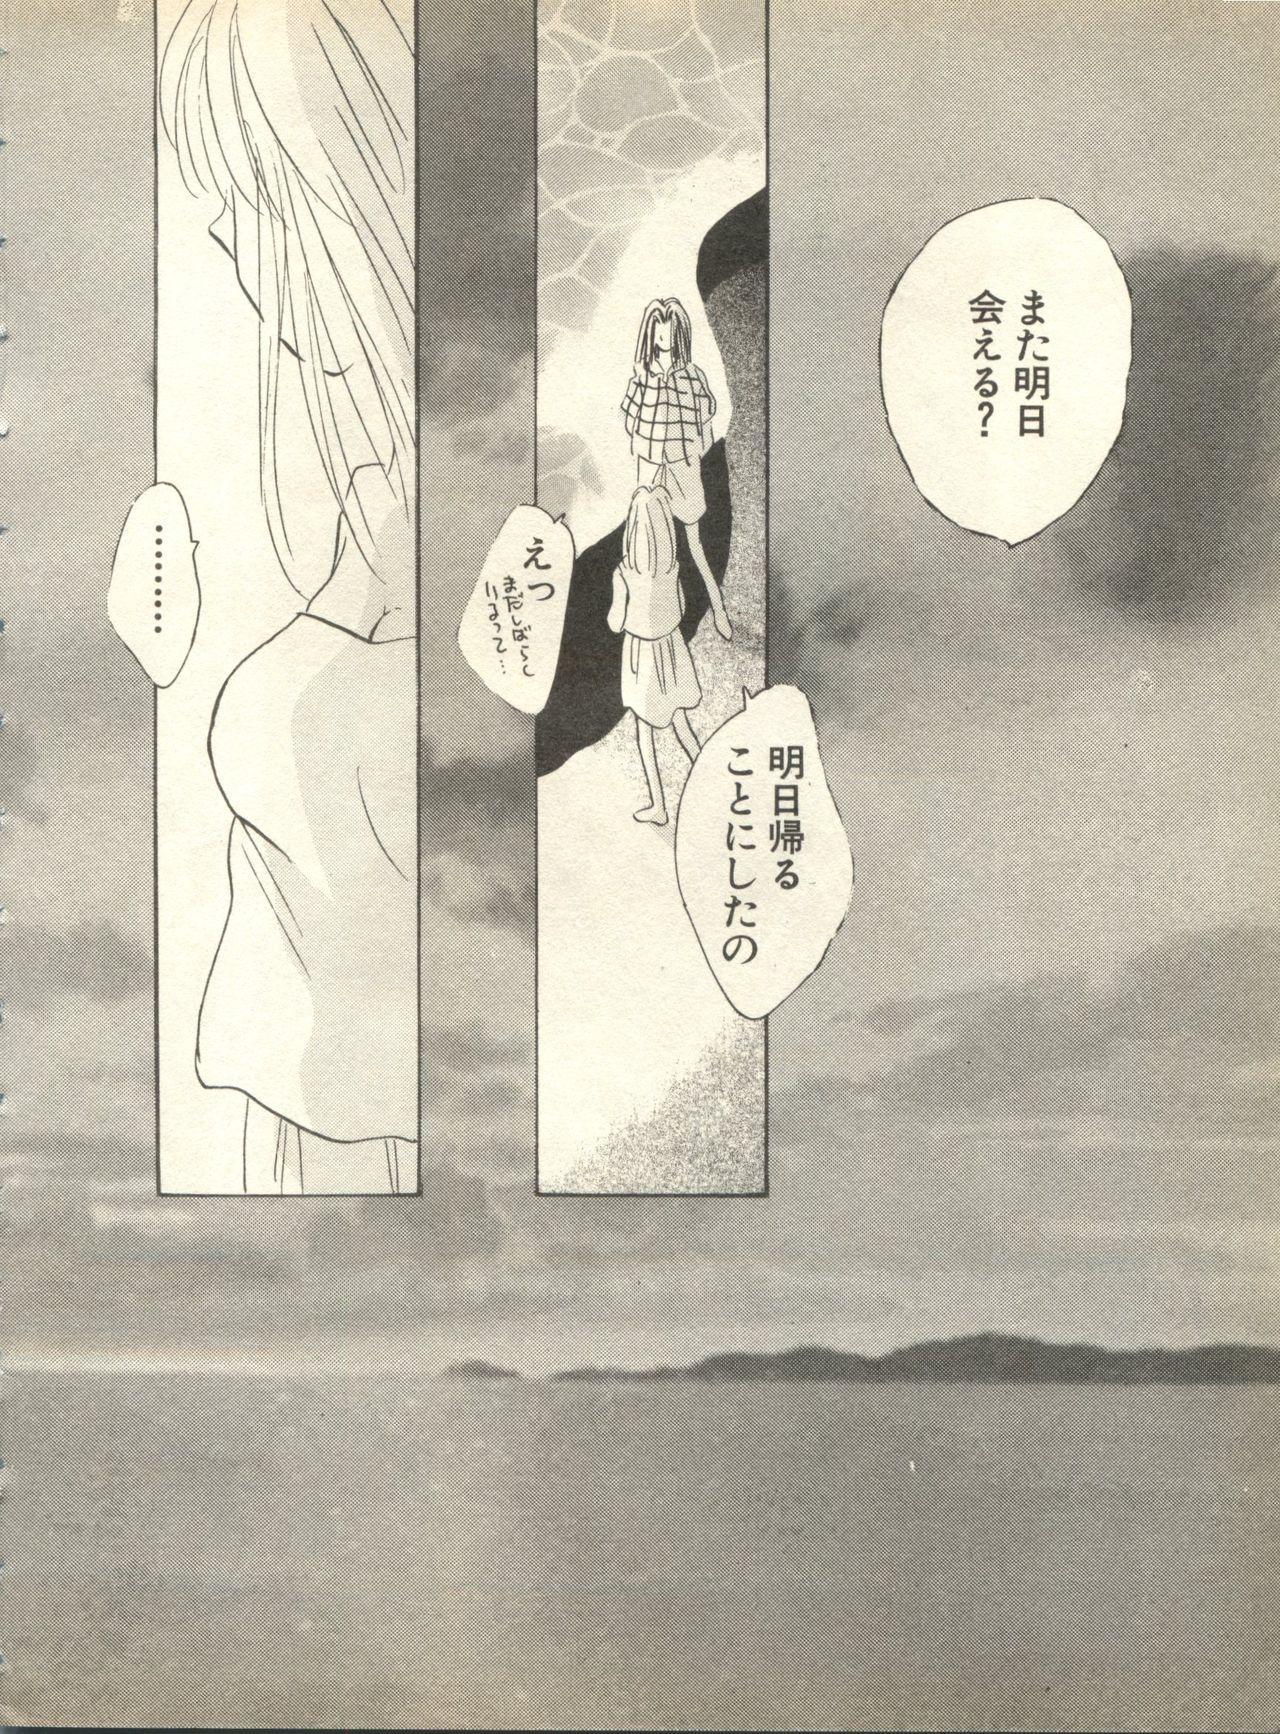 Pai;kuu 1998 October Vol. 13 69